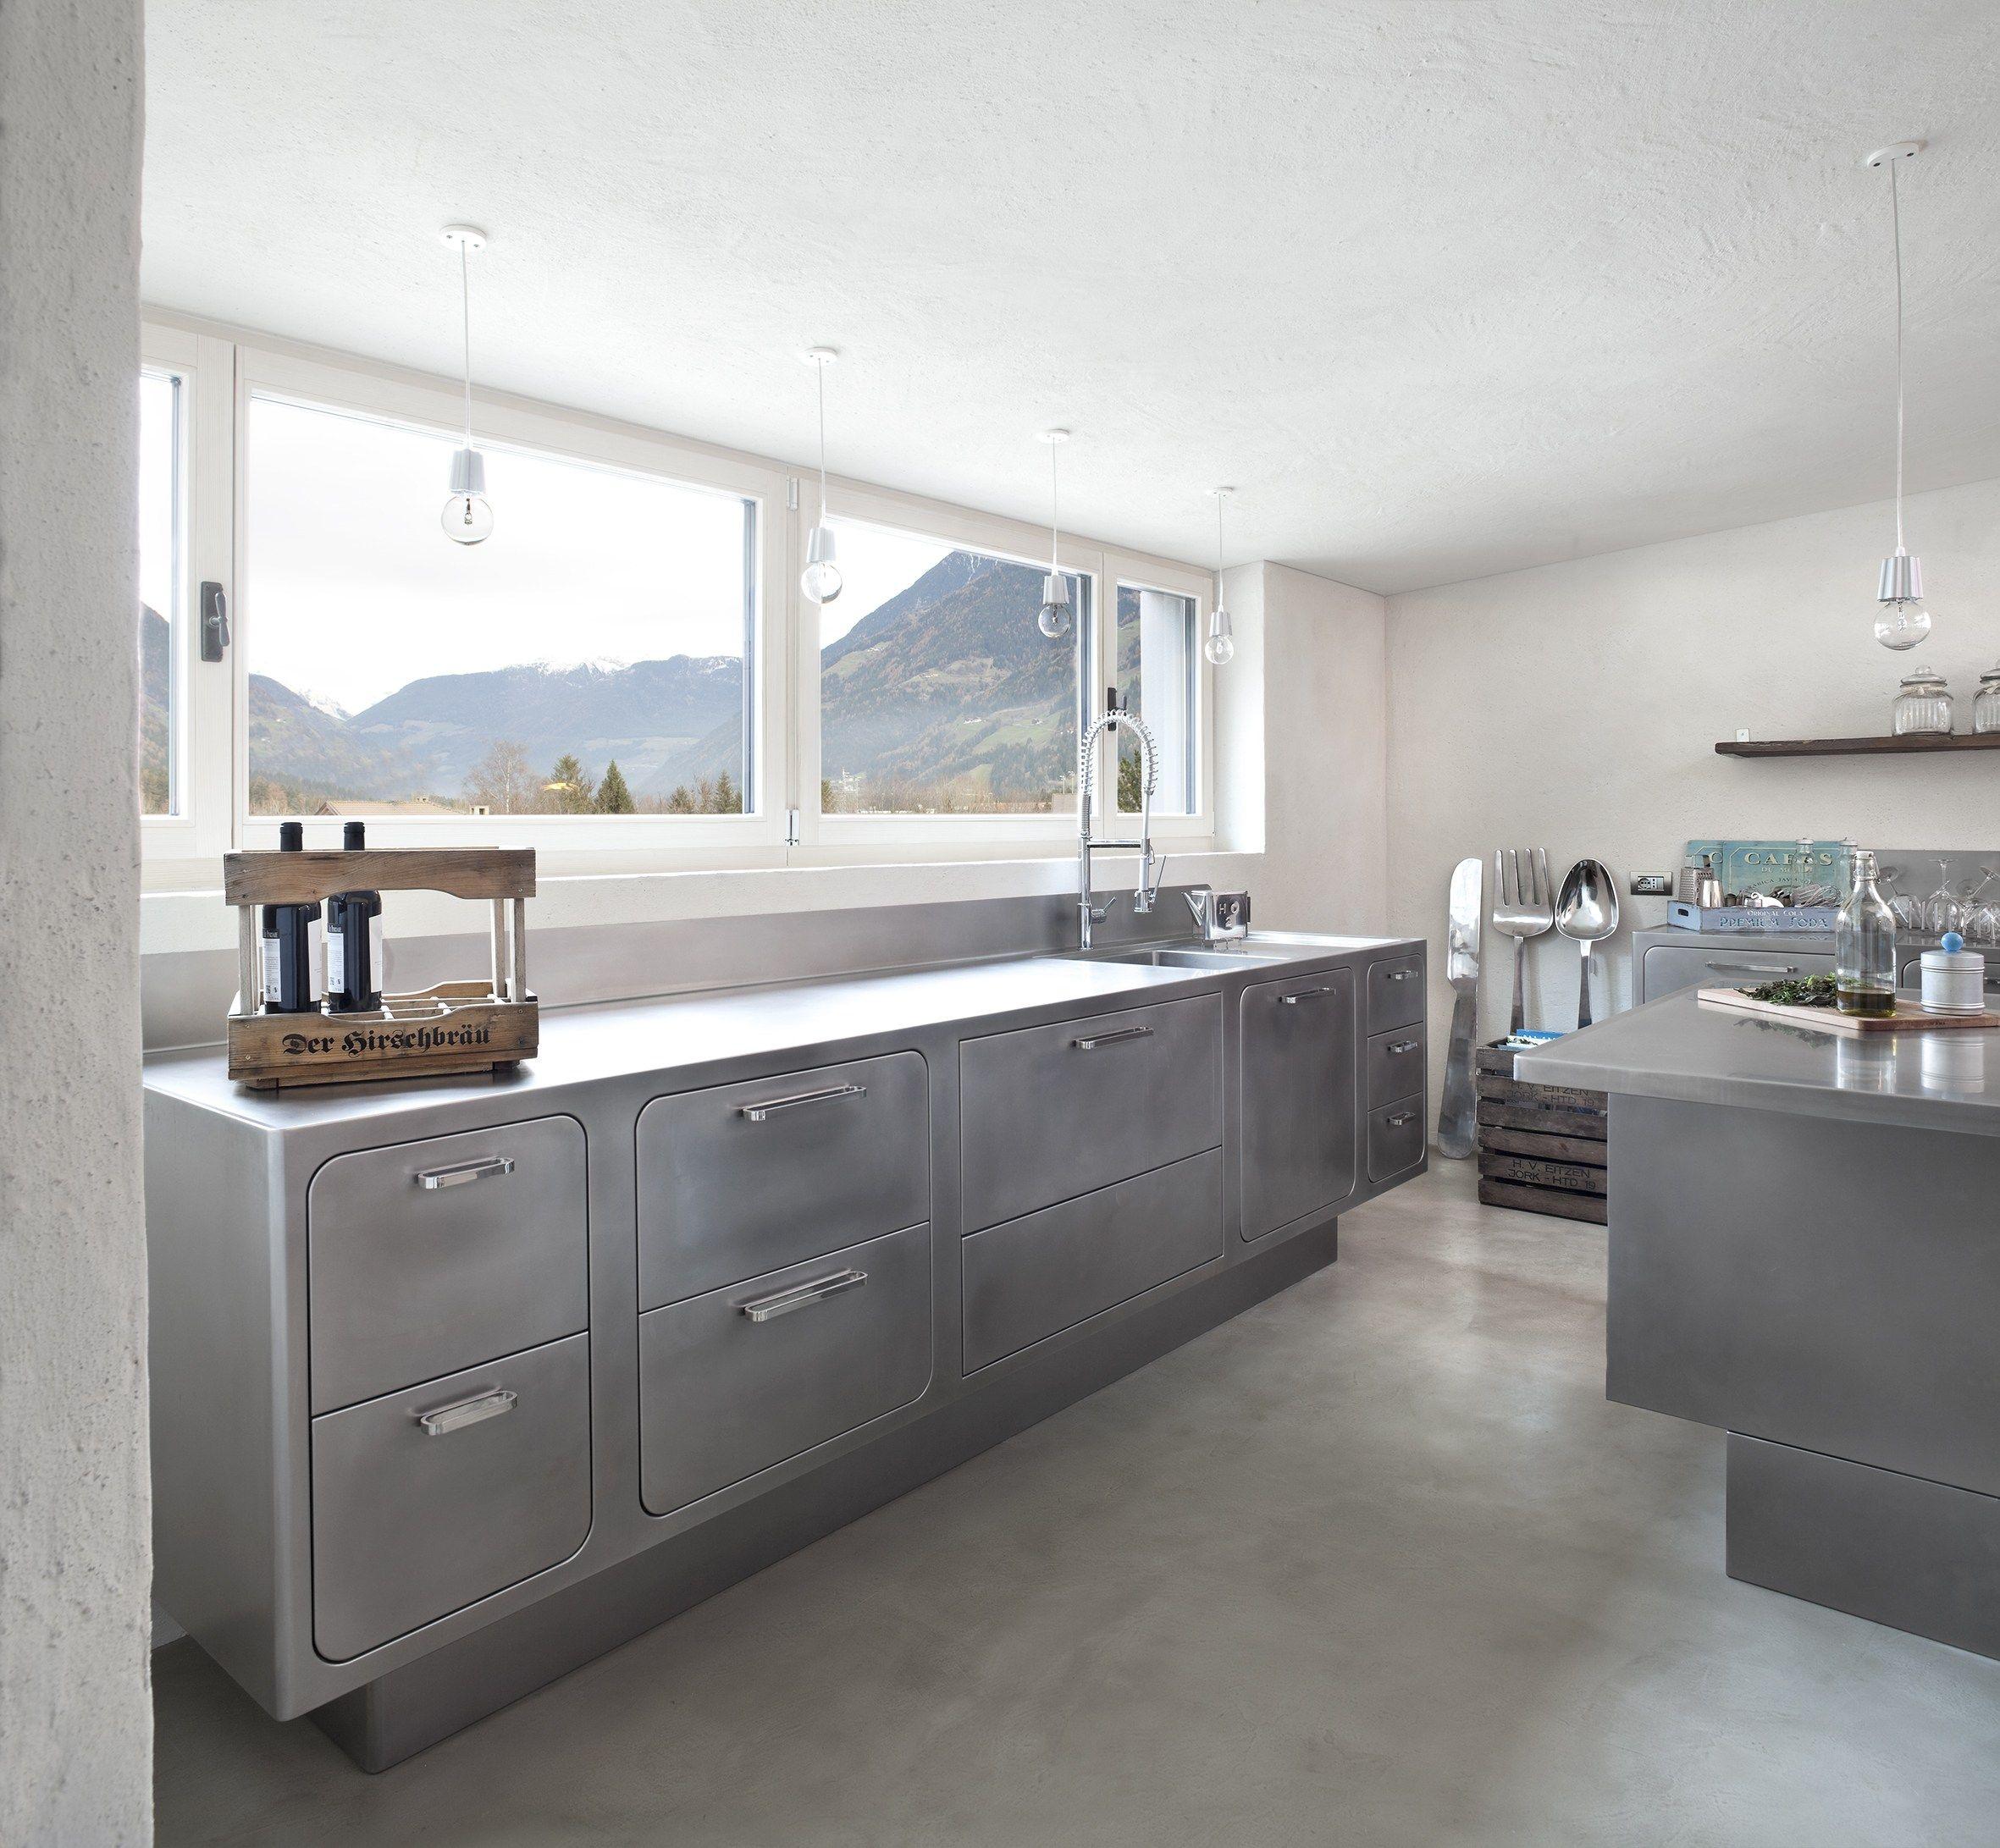 Toll Küche Aus Edelstahl Für Gewerbe Ego By Abimis Design Alberto Torsello,  Modern Dekoo